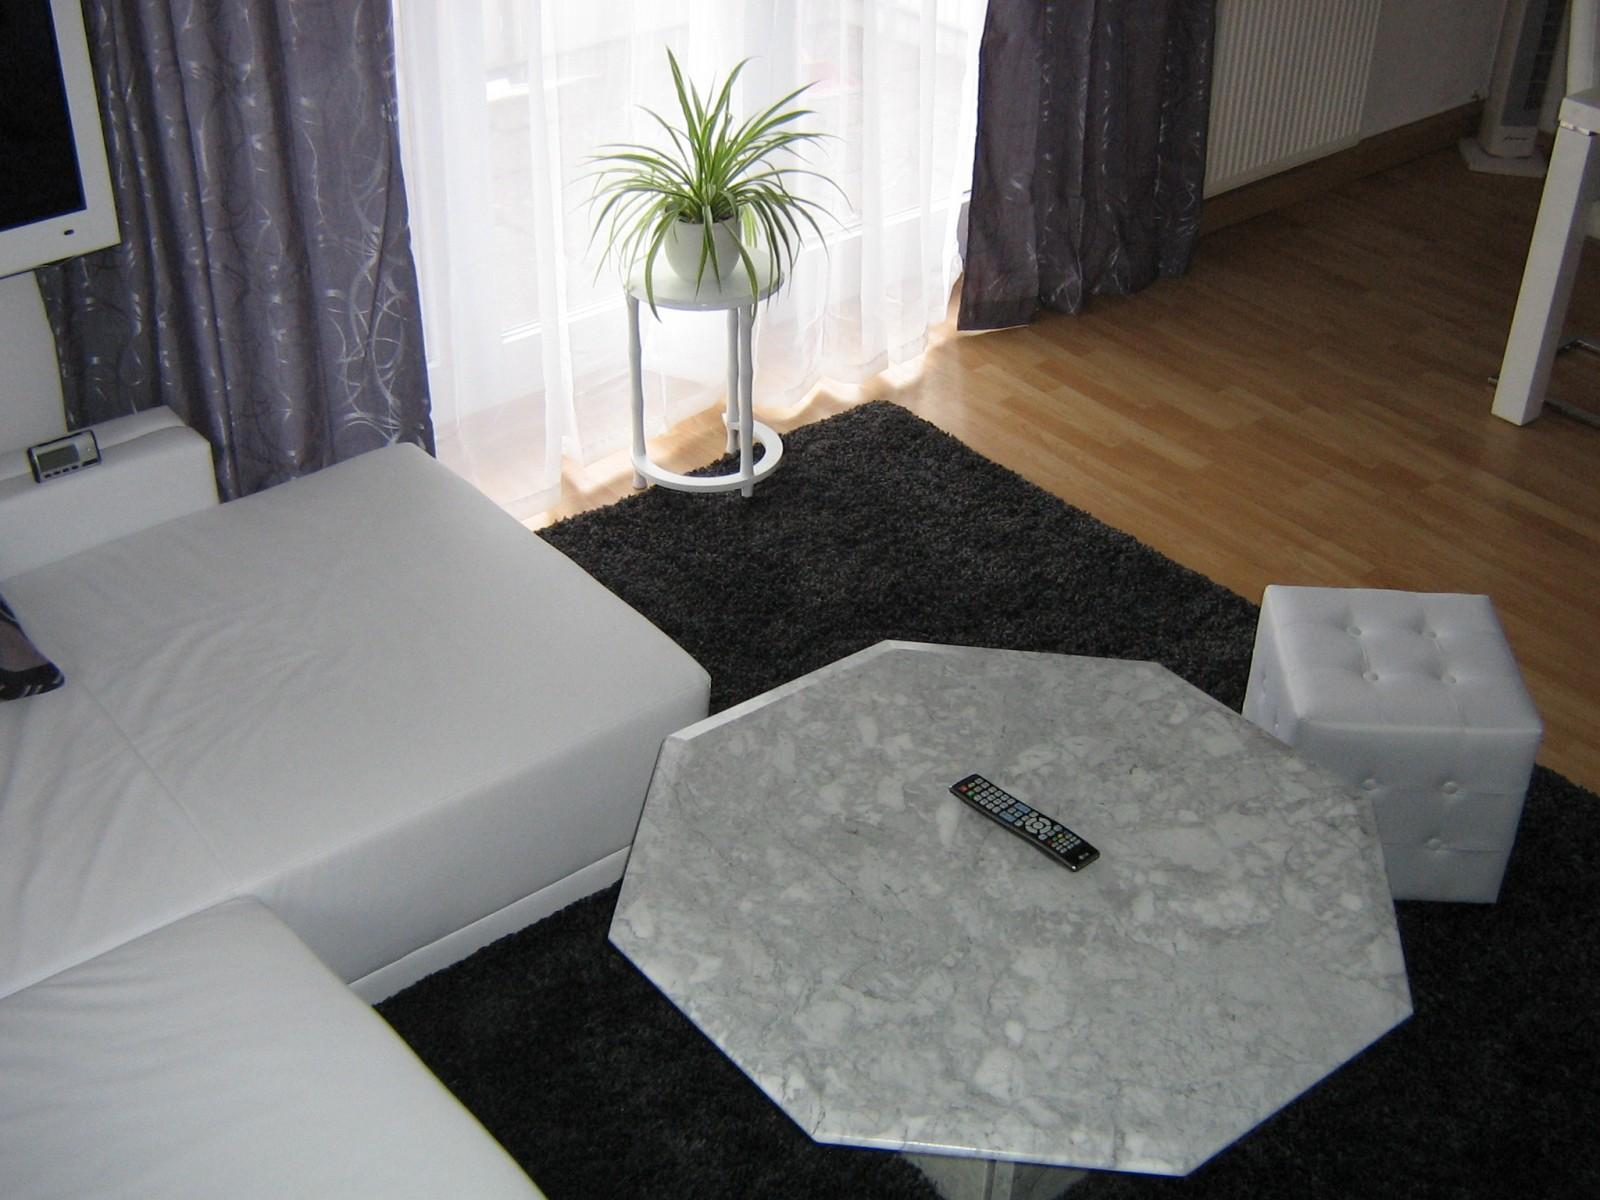 hell 3 - Wohnzimmer Farben Grau Grun